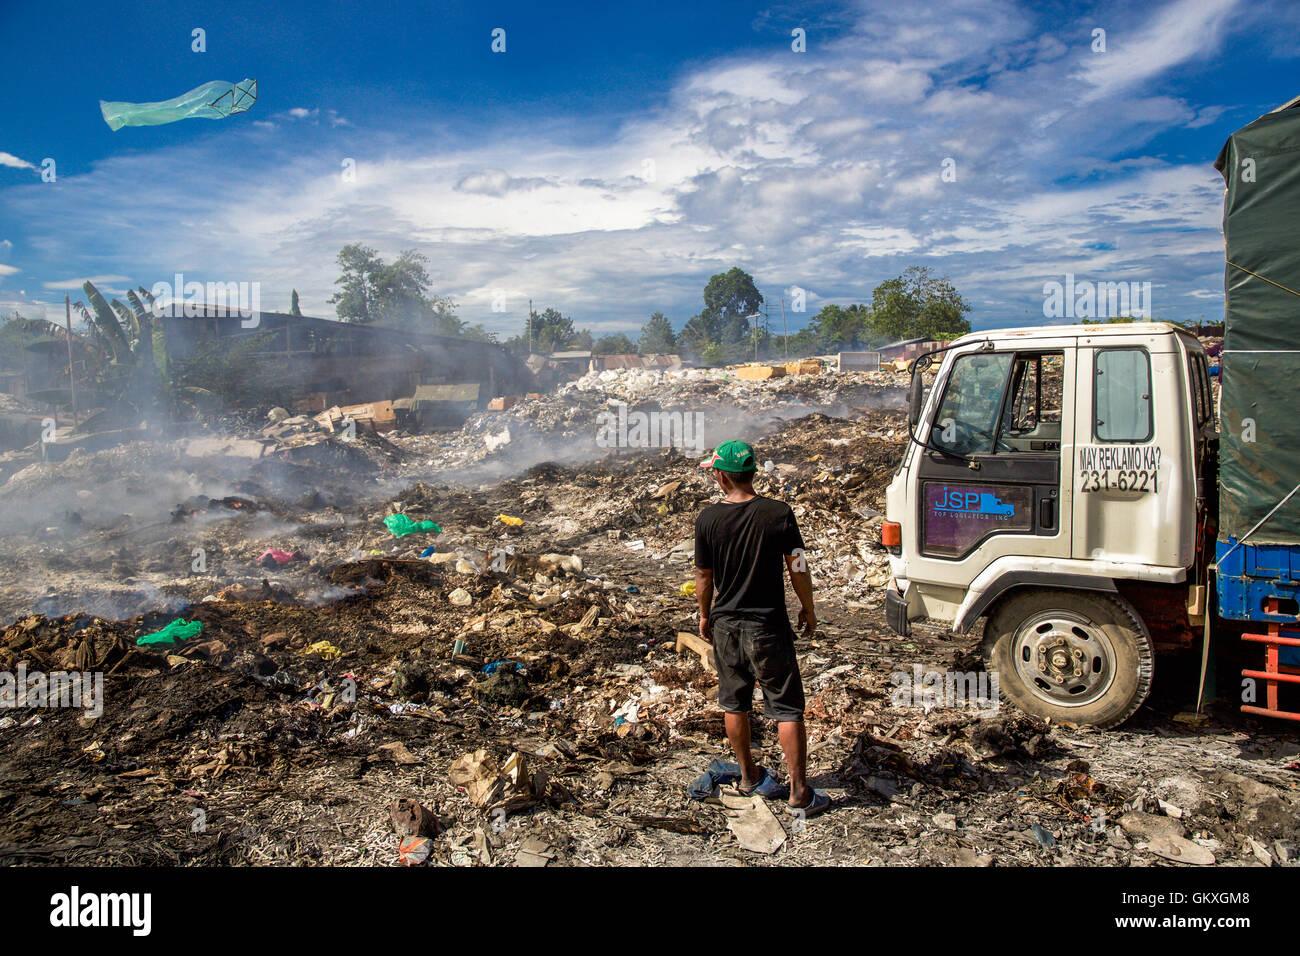 Menschen des Standortes Dump auf der Insel Cebu in den Philippinen. Stockbild